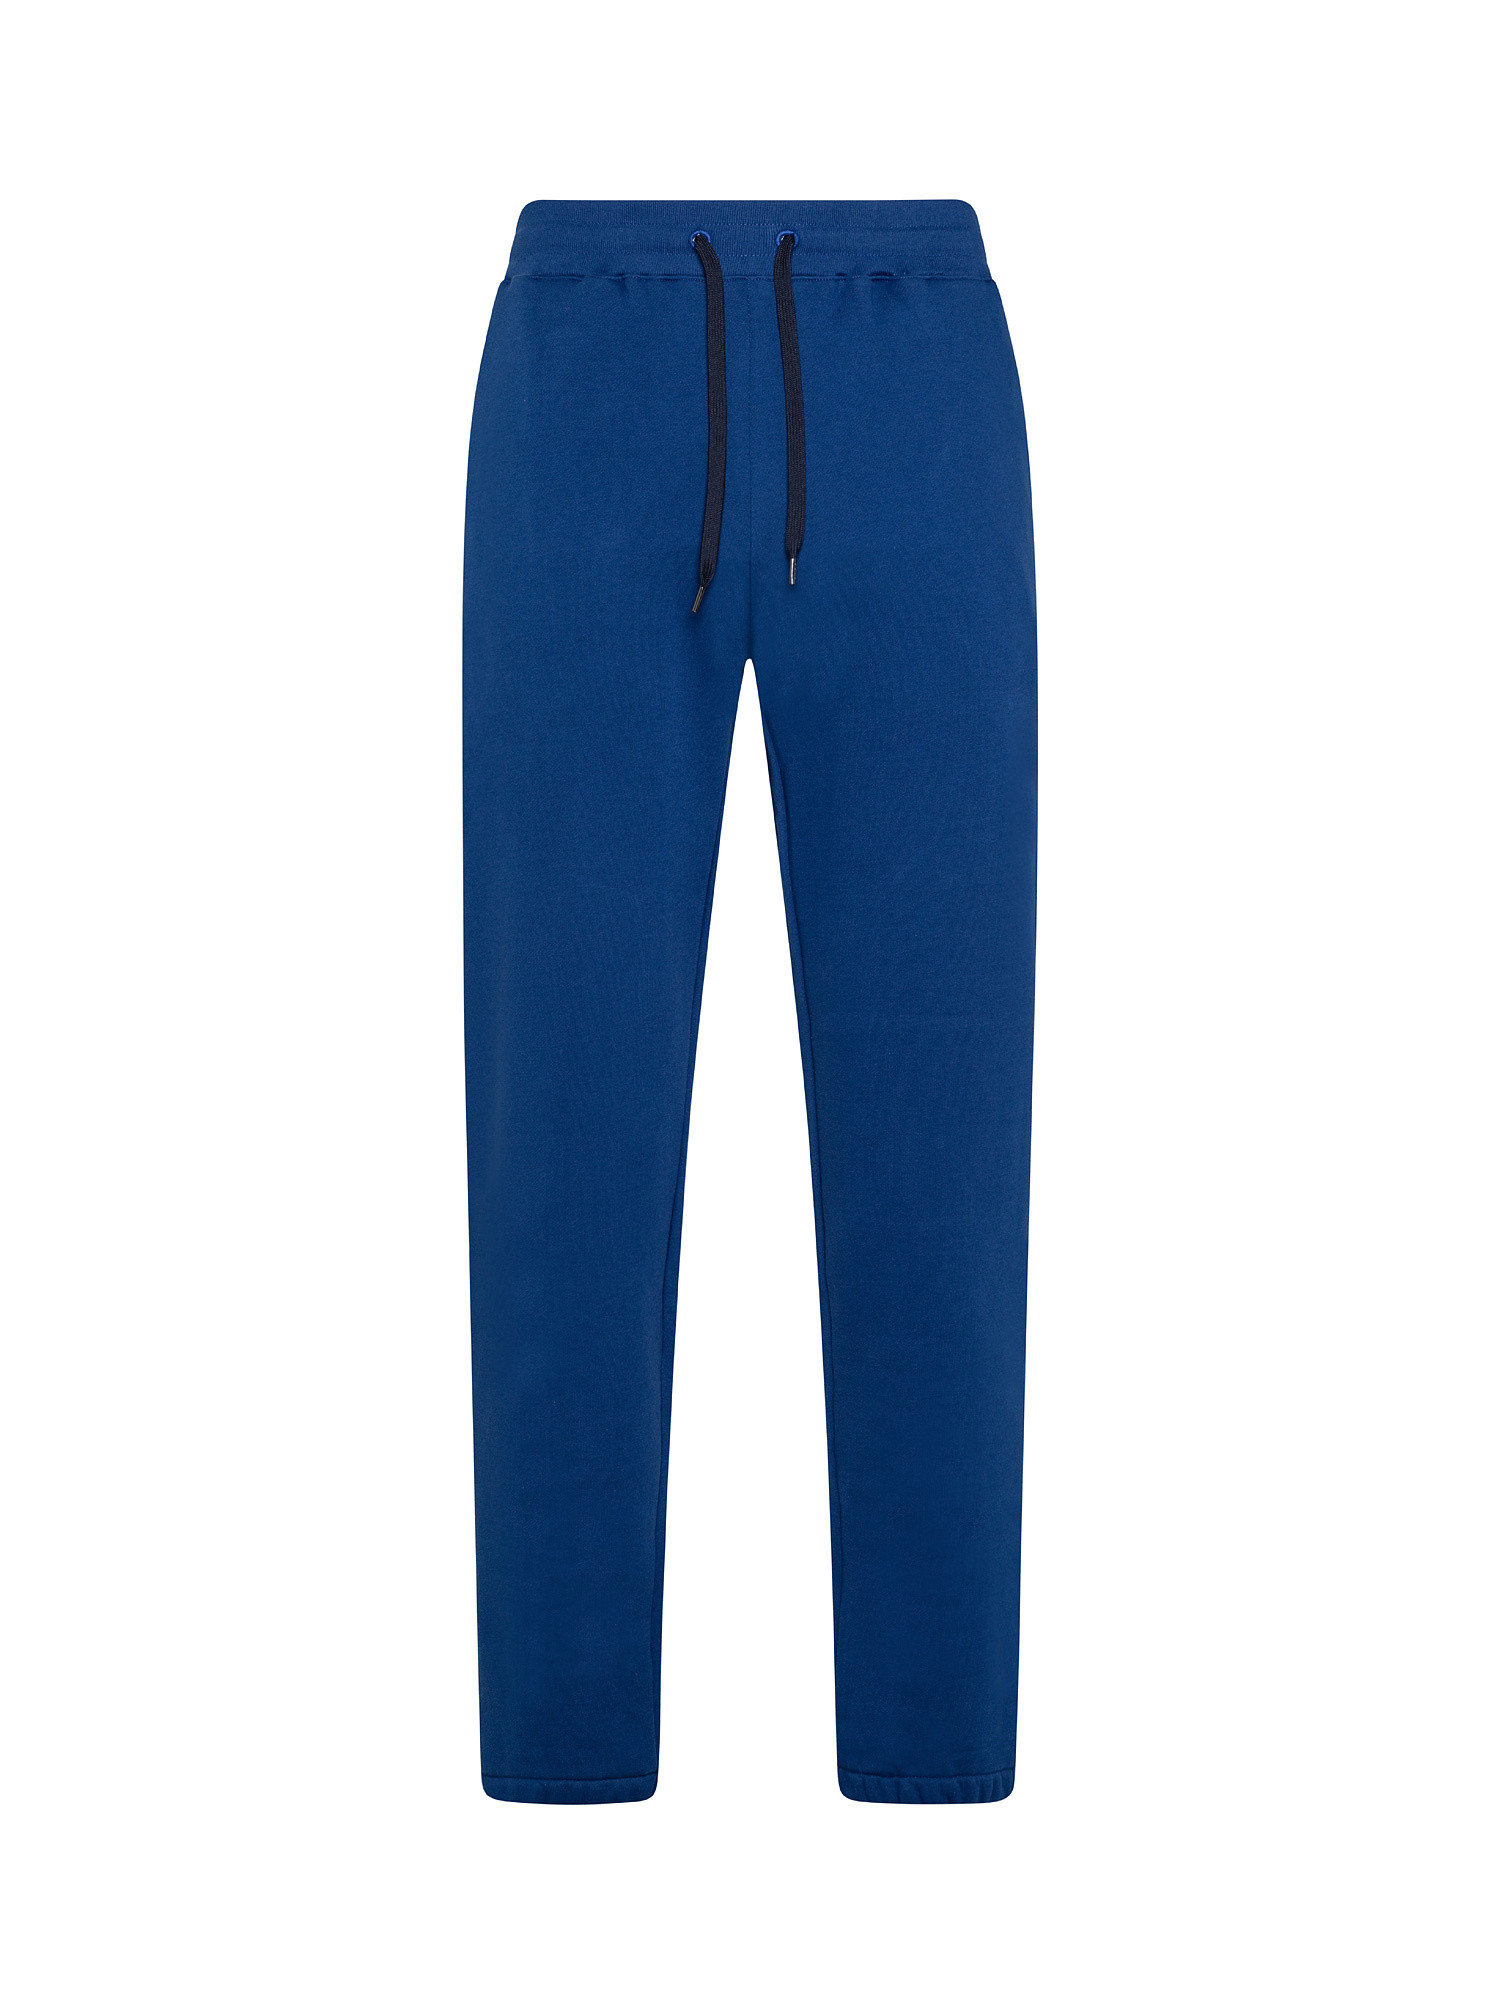 Pantaloni uomo tuta stampa 'Happy', Blu, large image number 0